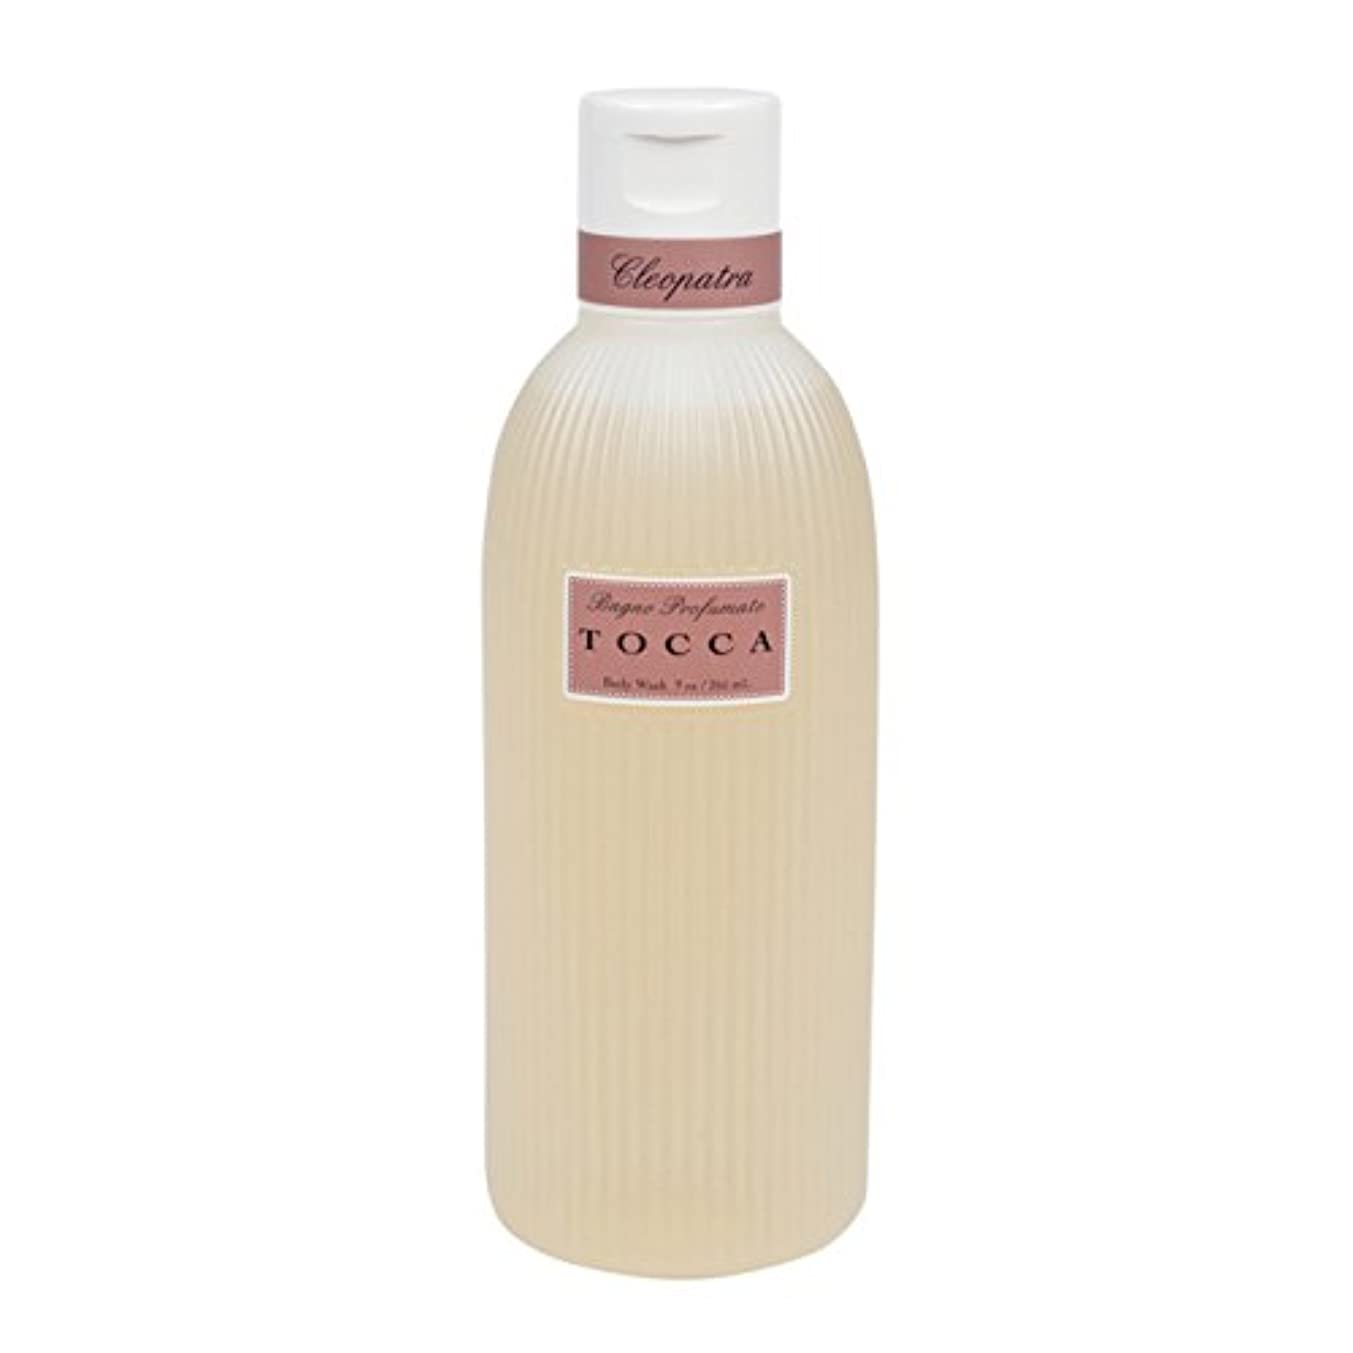 ガム創始者形トッカ(TOCCA) ボディーケアウォッシュ クレオパトラの香り 266ml(全身用洗浄料 ボディーソープ グレープフルーツとキューカンバーのフレッシュでクリーンな香り)